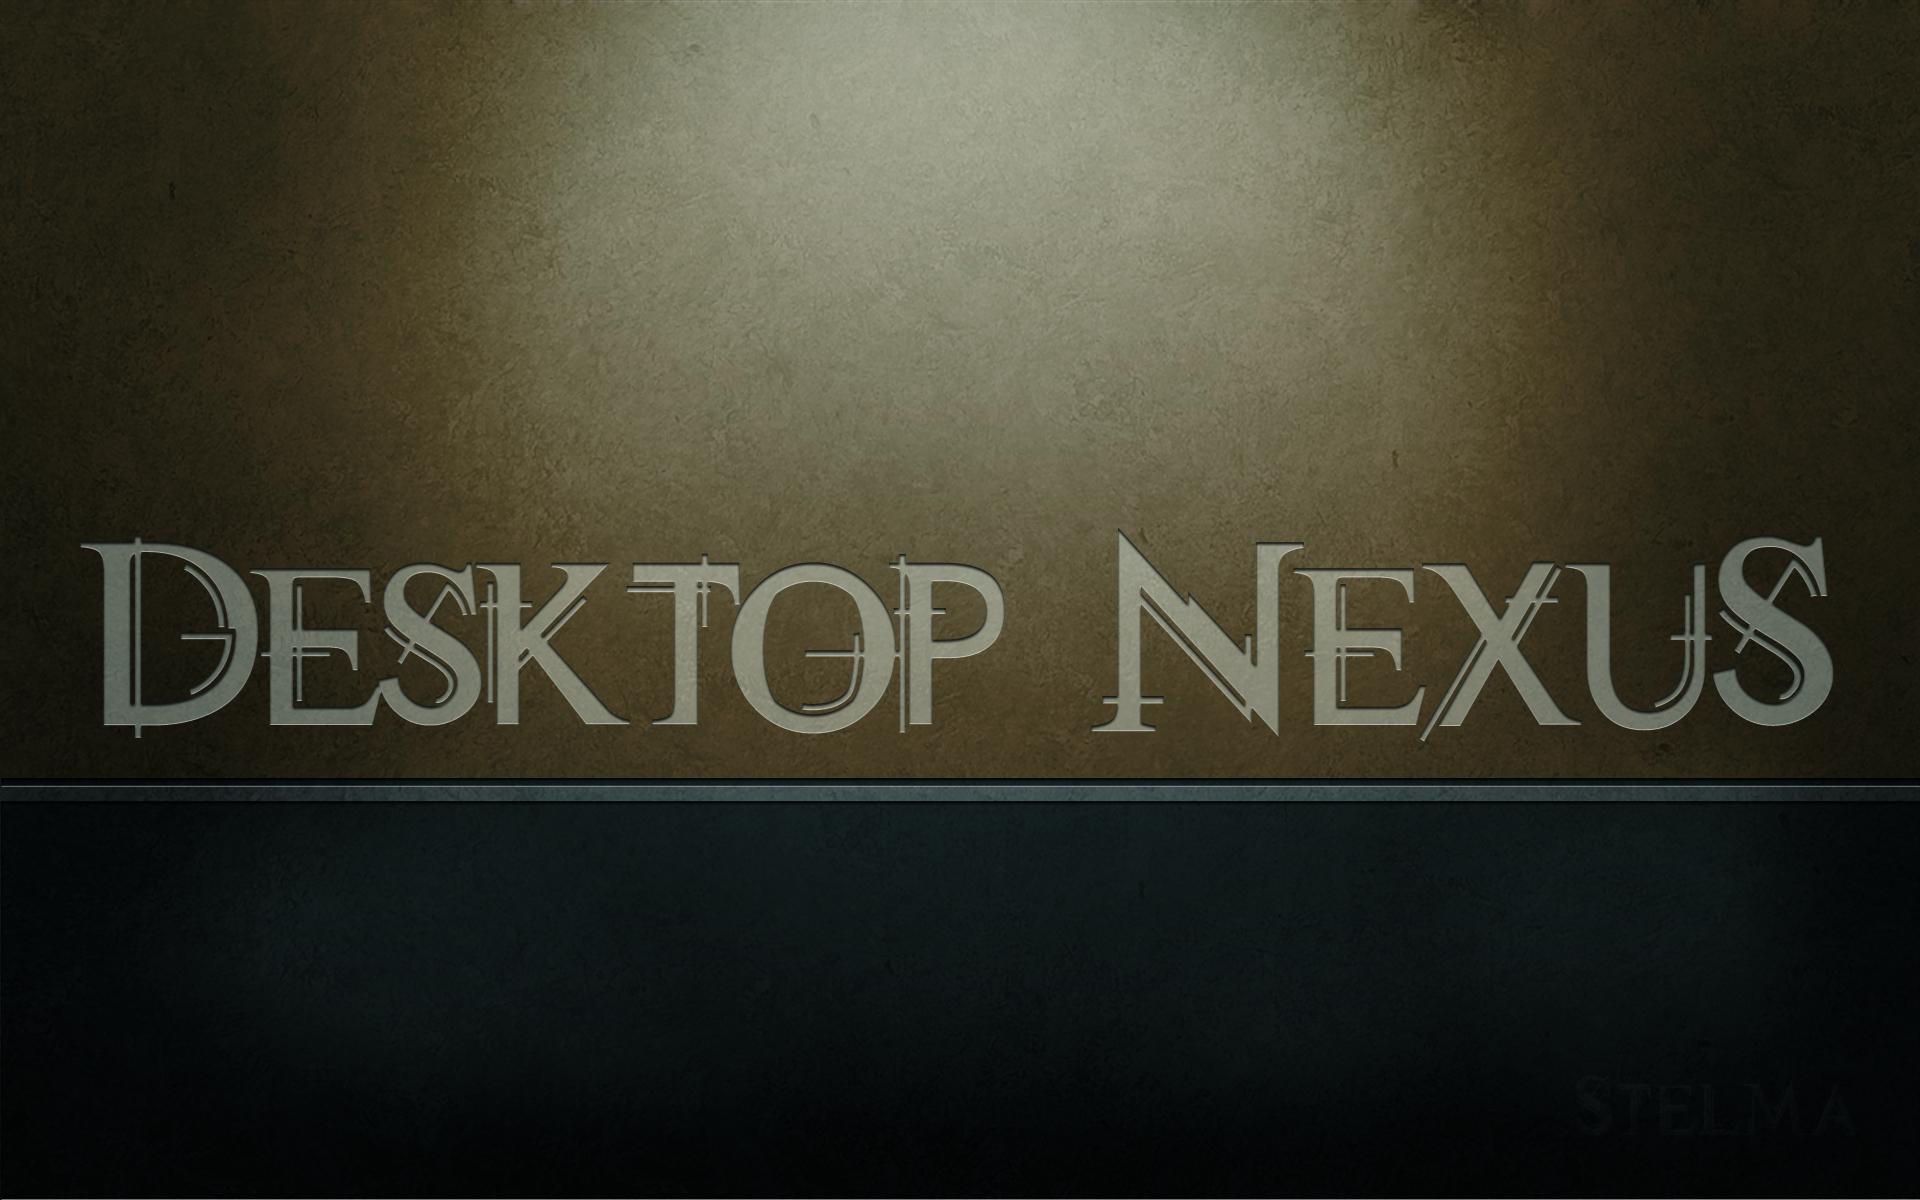 Abstract Desktop Nexus Wallpapers 13583 Hd Wallpapers Background 1920x1200